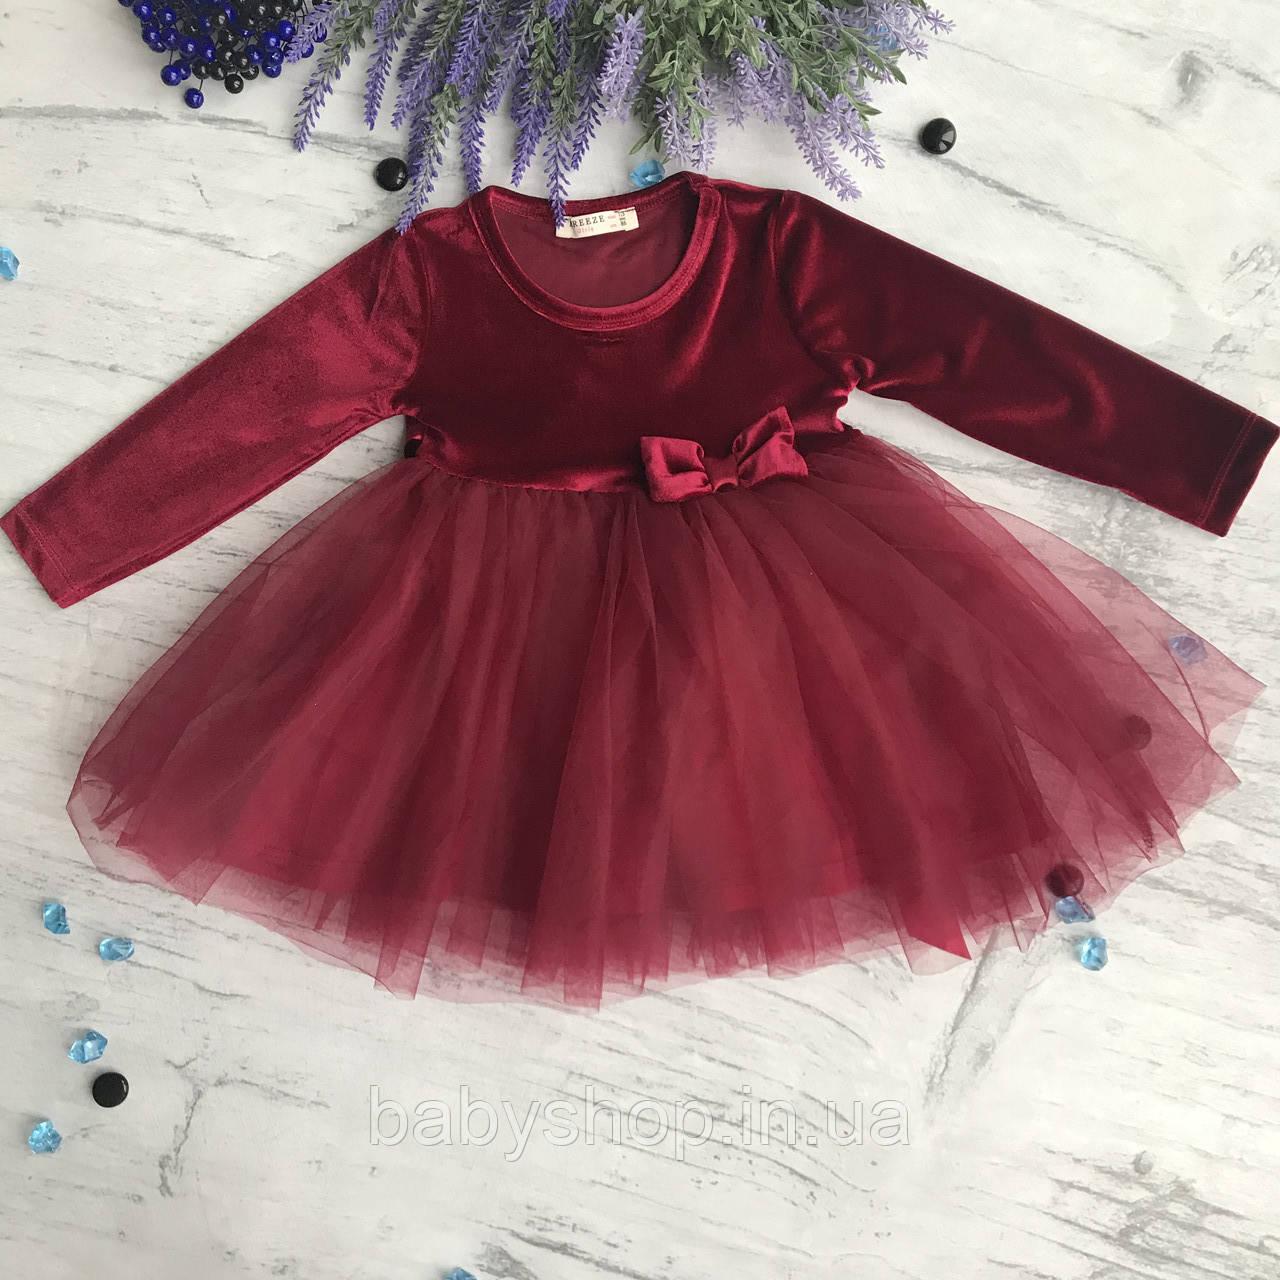 Пышное платье на девочку Breeze 190. Размер  110 см, 116 см, 122 см, 134 см, 140 см